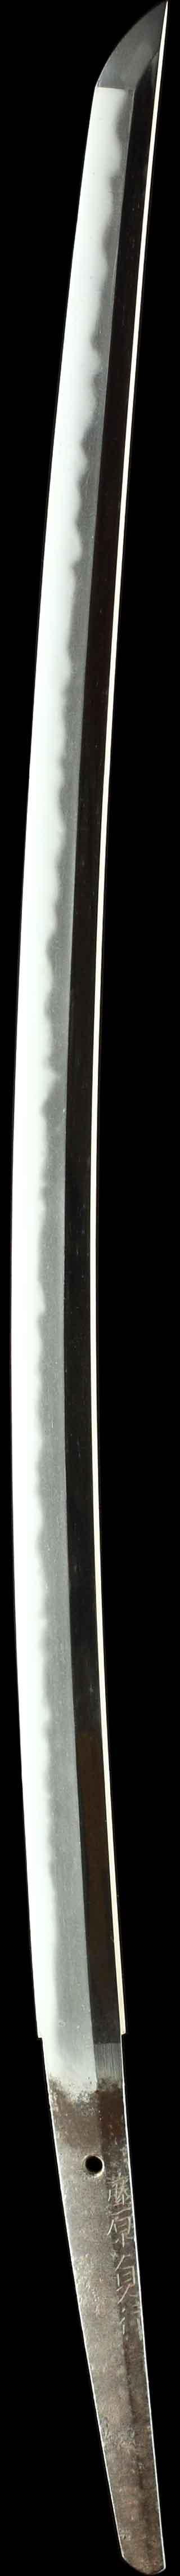 藤原貞行の刀身縦表全景